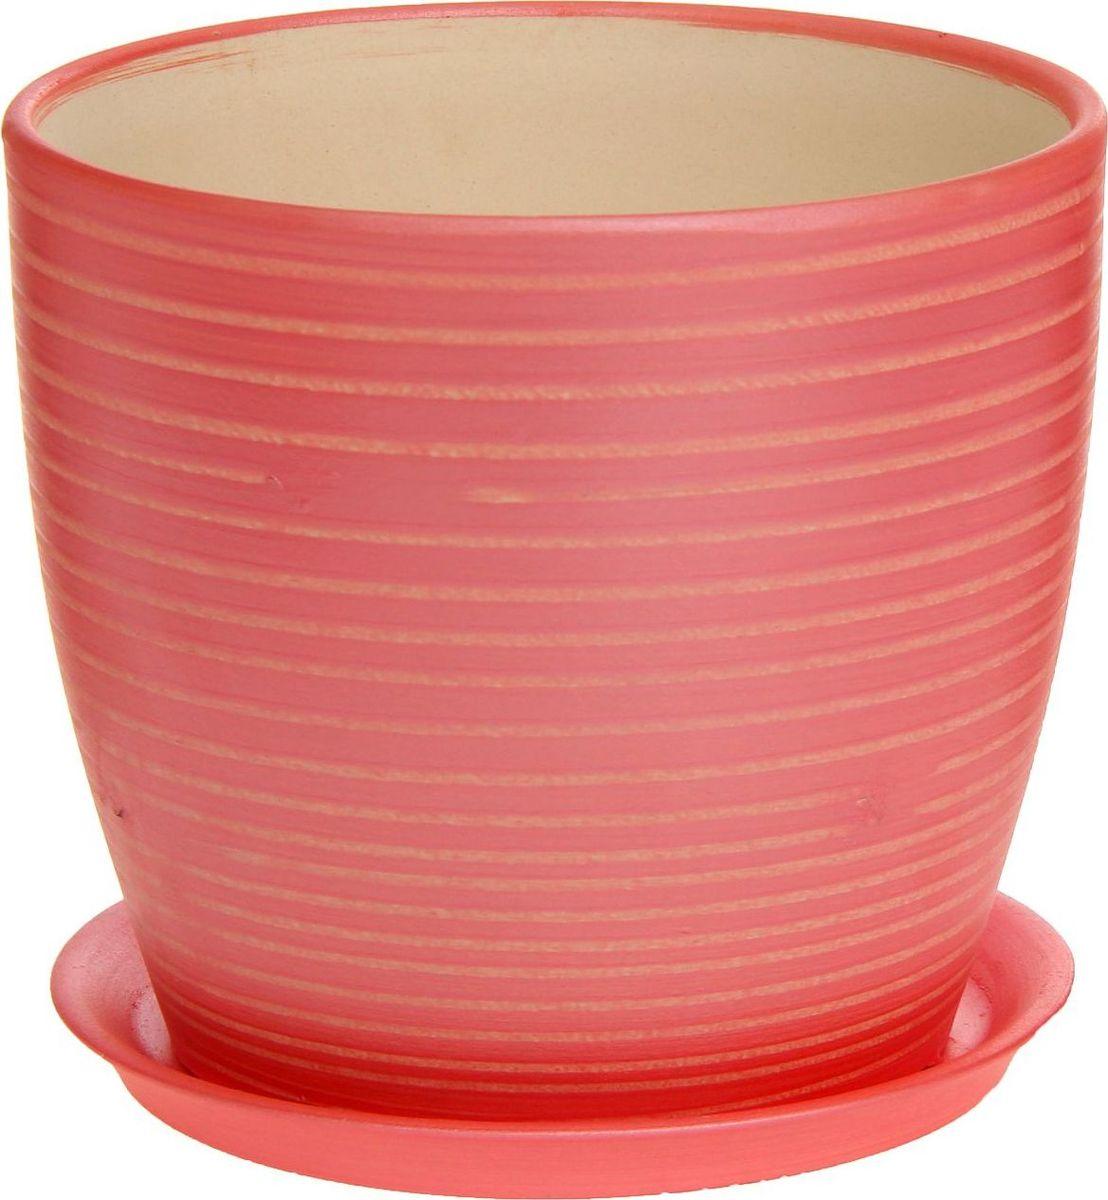 Кашпо Керамика ручной работы Осень. Радуга, цвет: красный, 3 л1170369Комнатные растения — всеобщие любимцы. Они радуют глаз, насыщают помещение кислородом и украшают пространство. Каждому из них необходим свой удобный и красивый дом. Кашпо из керамики прекрасно подходят для высадки растений: за счёт пластичности глины и разных способов обработки существует великое множество форм и дизайновпористый материал позволяет испаряться лишней влагевоздух, необходимый для дыхания корней, проникает сквозь керамические стенки! #name# позаботится о зелёном питомце, освежит интерьер и подчеркнёт его стиль.